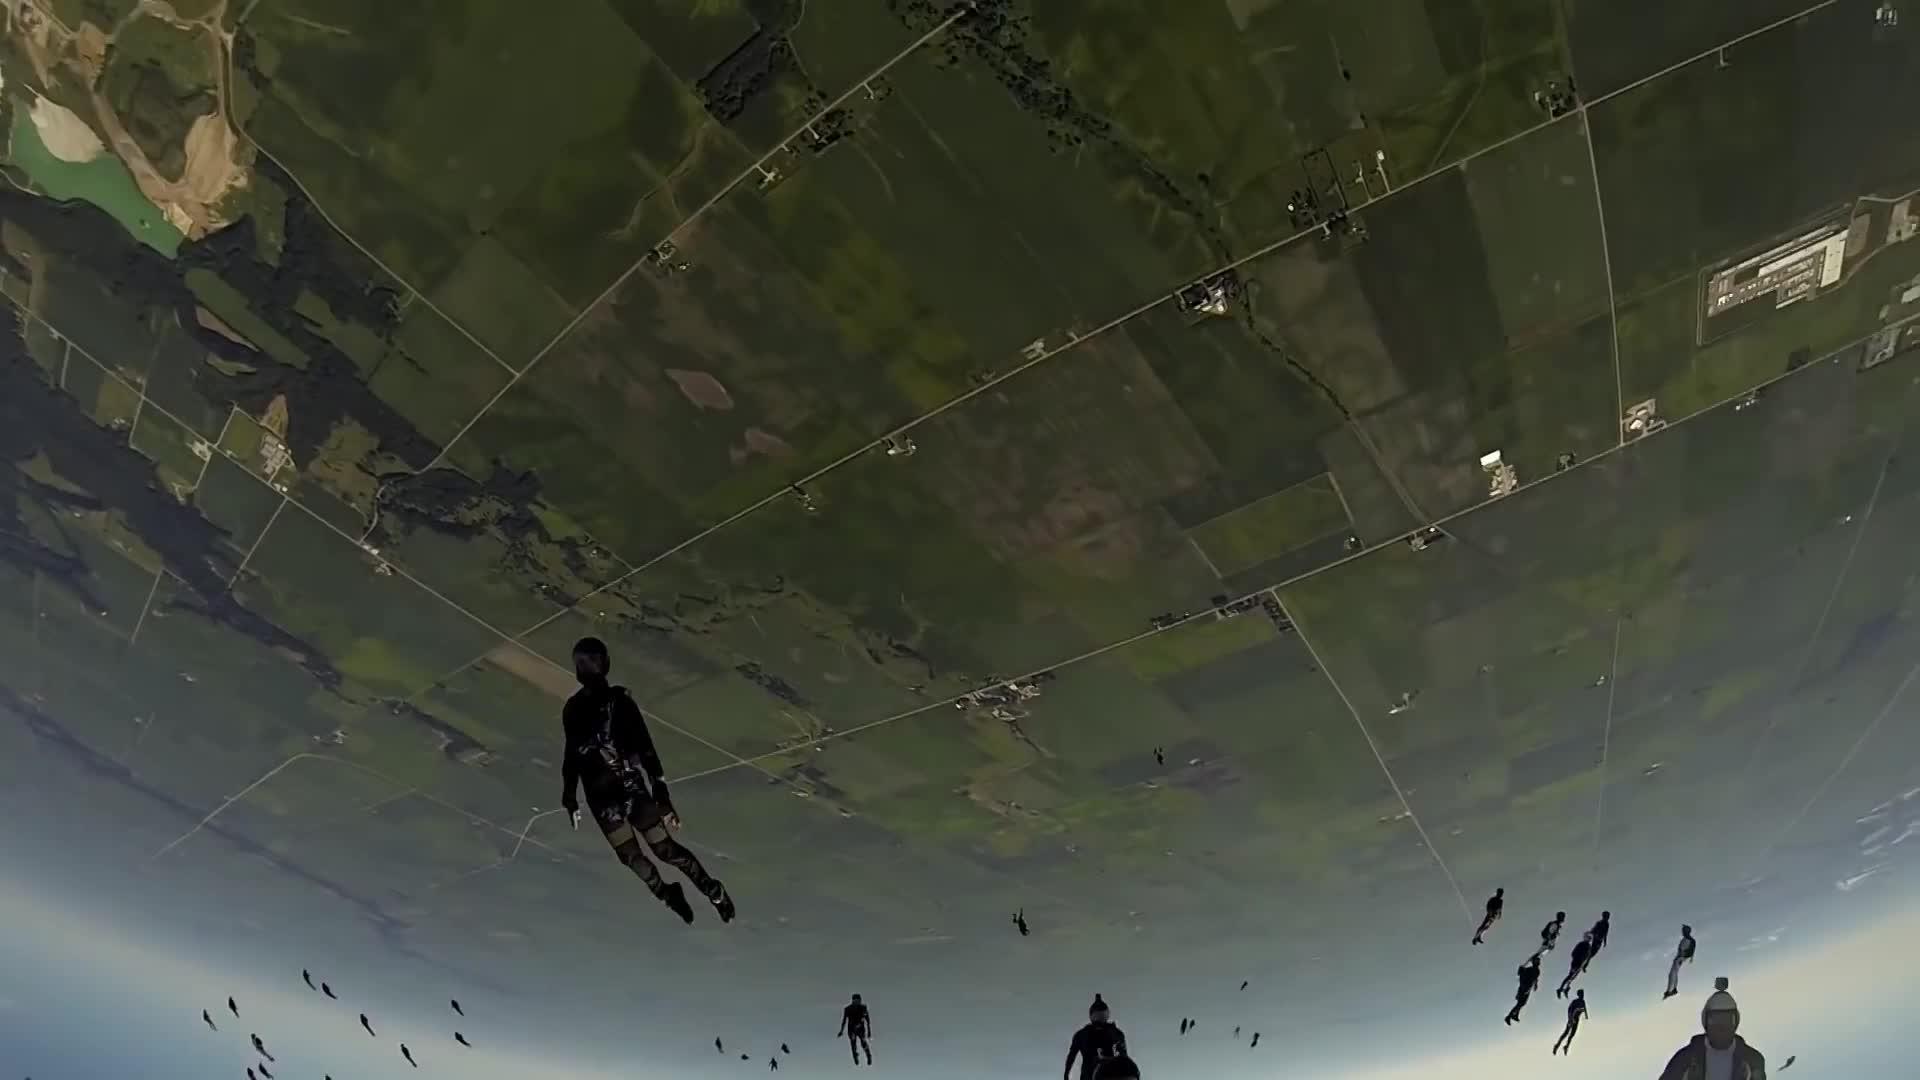 跳伞不带降落伞,老外挑战万米高空无保护降落,镜头拍下全过程